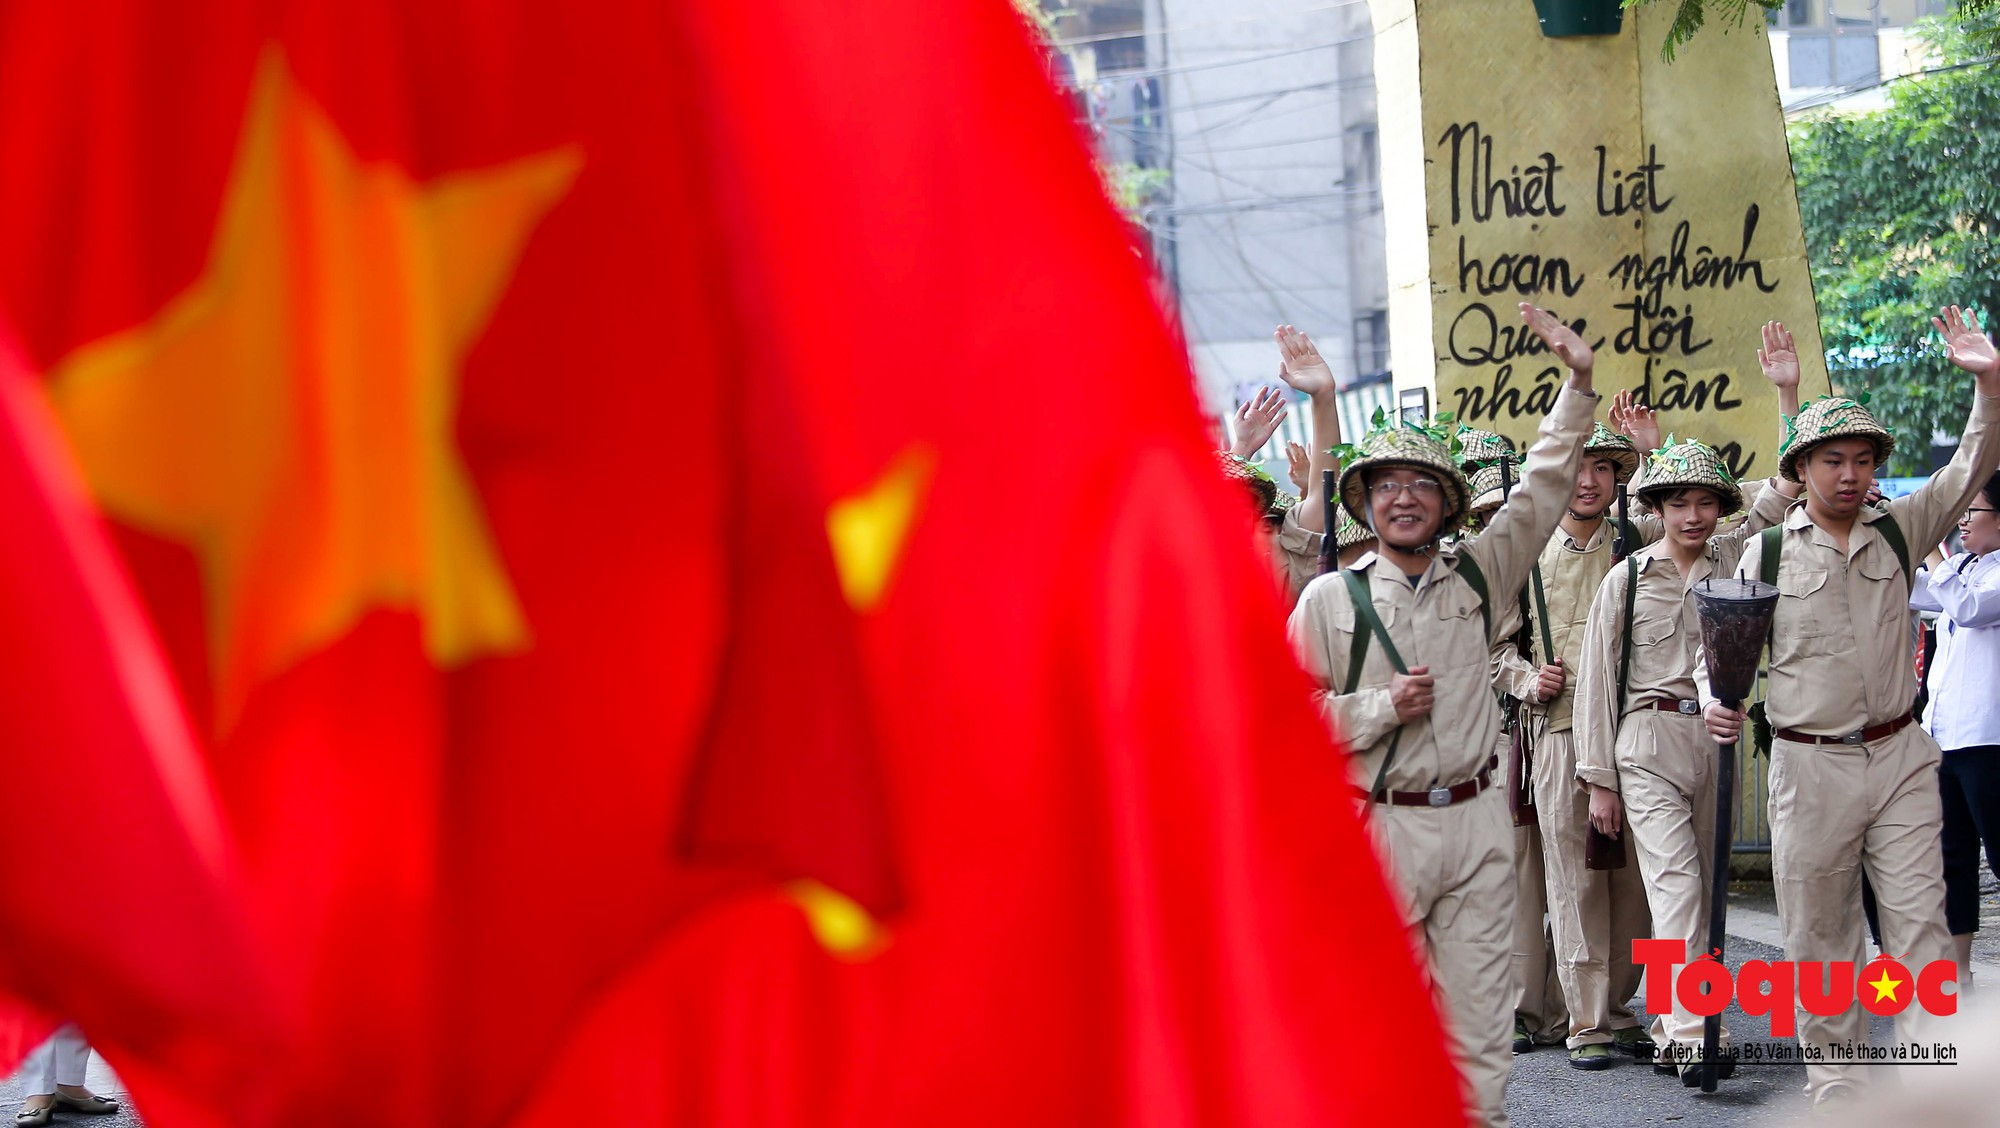 Tái hiện ký ức hào hùng đoàn quân chiến thắng trở về tiếp quản thủ đô Hà Nội 65 năm trước 2